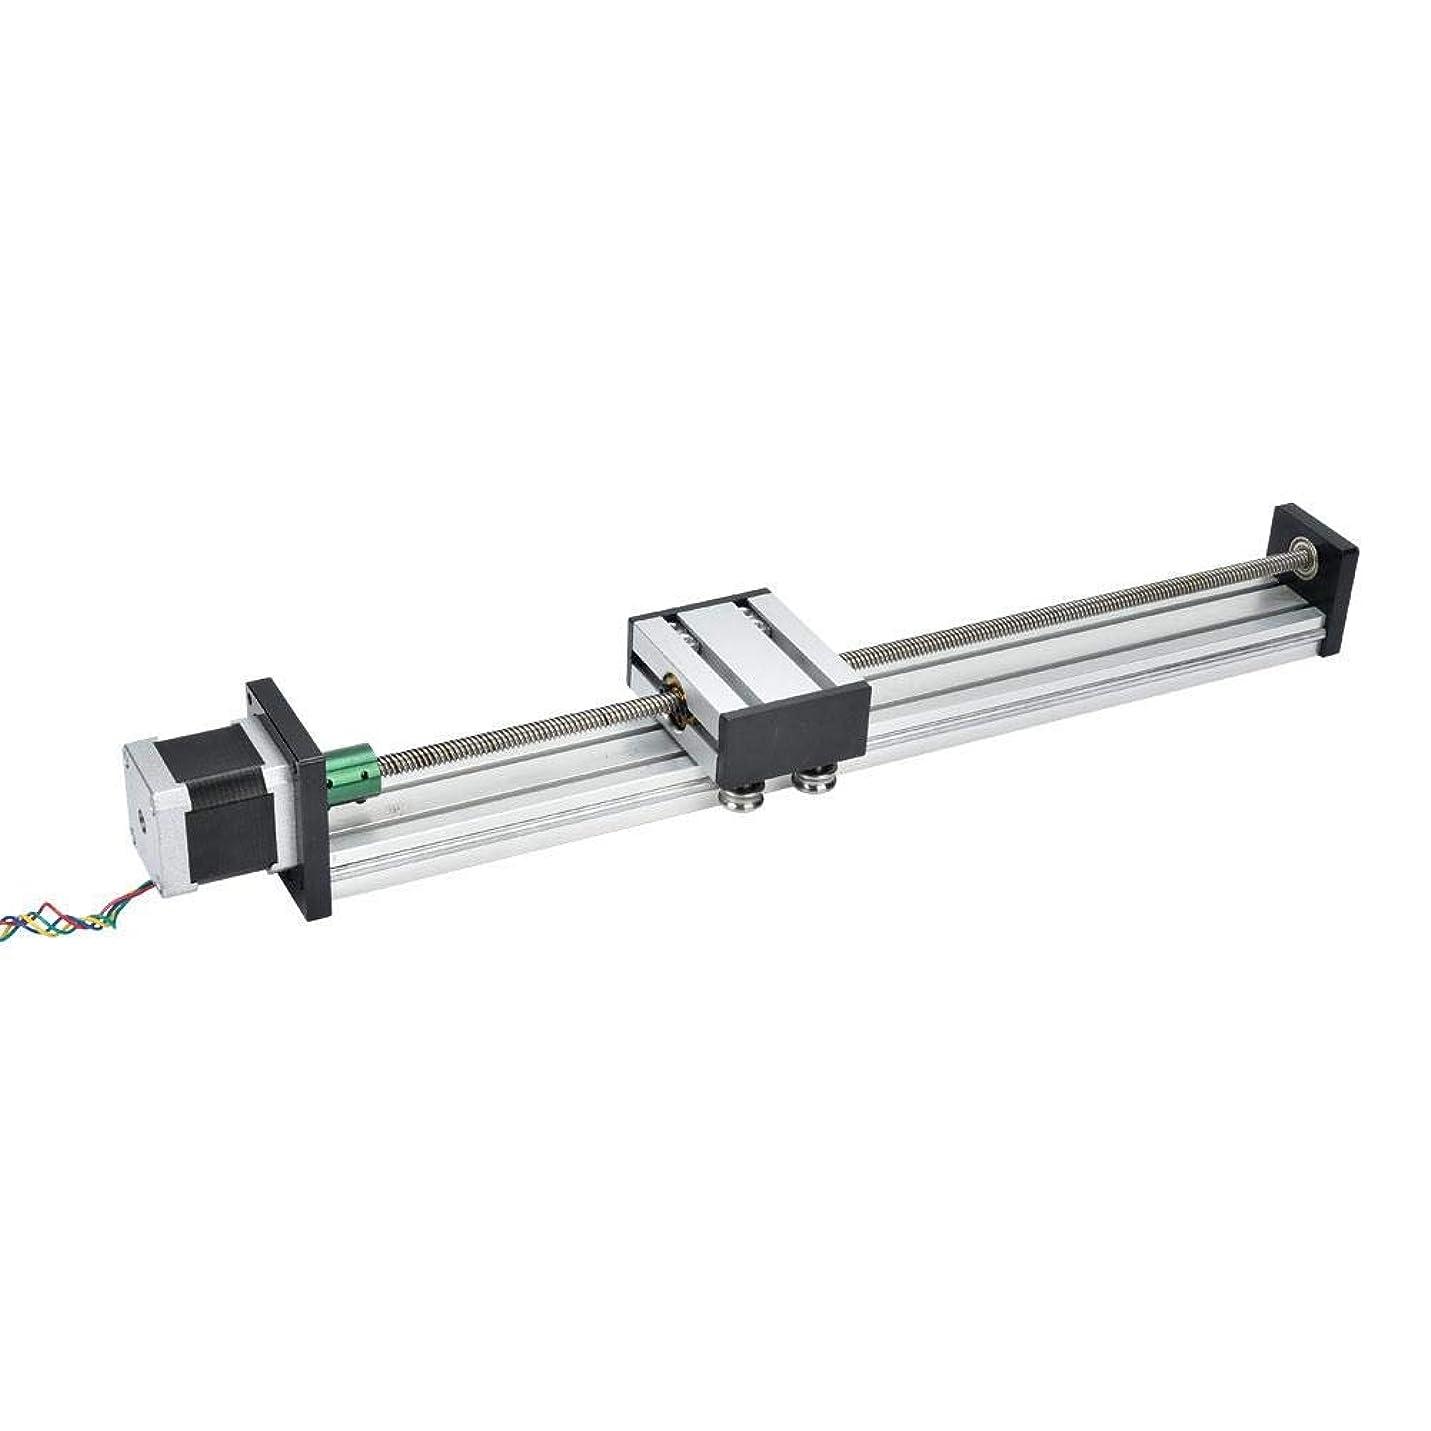 精神ソース粘液BXU-BG リニアガイドレール、ボールねじモーション表リニアガイドレールは、工作機械のオートメーション産業用の部品を交換する700ミリメートル効果的なストロークアルミ合金スライド(1605)